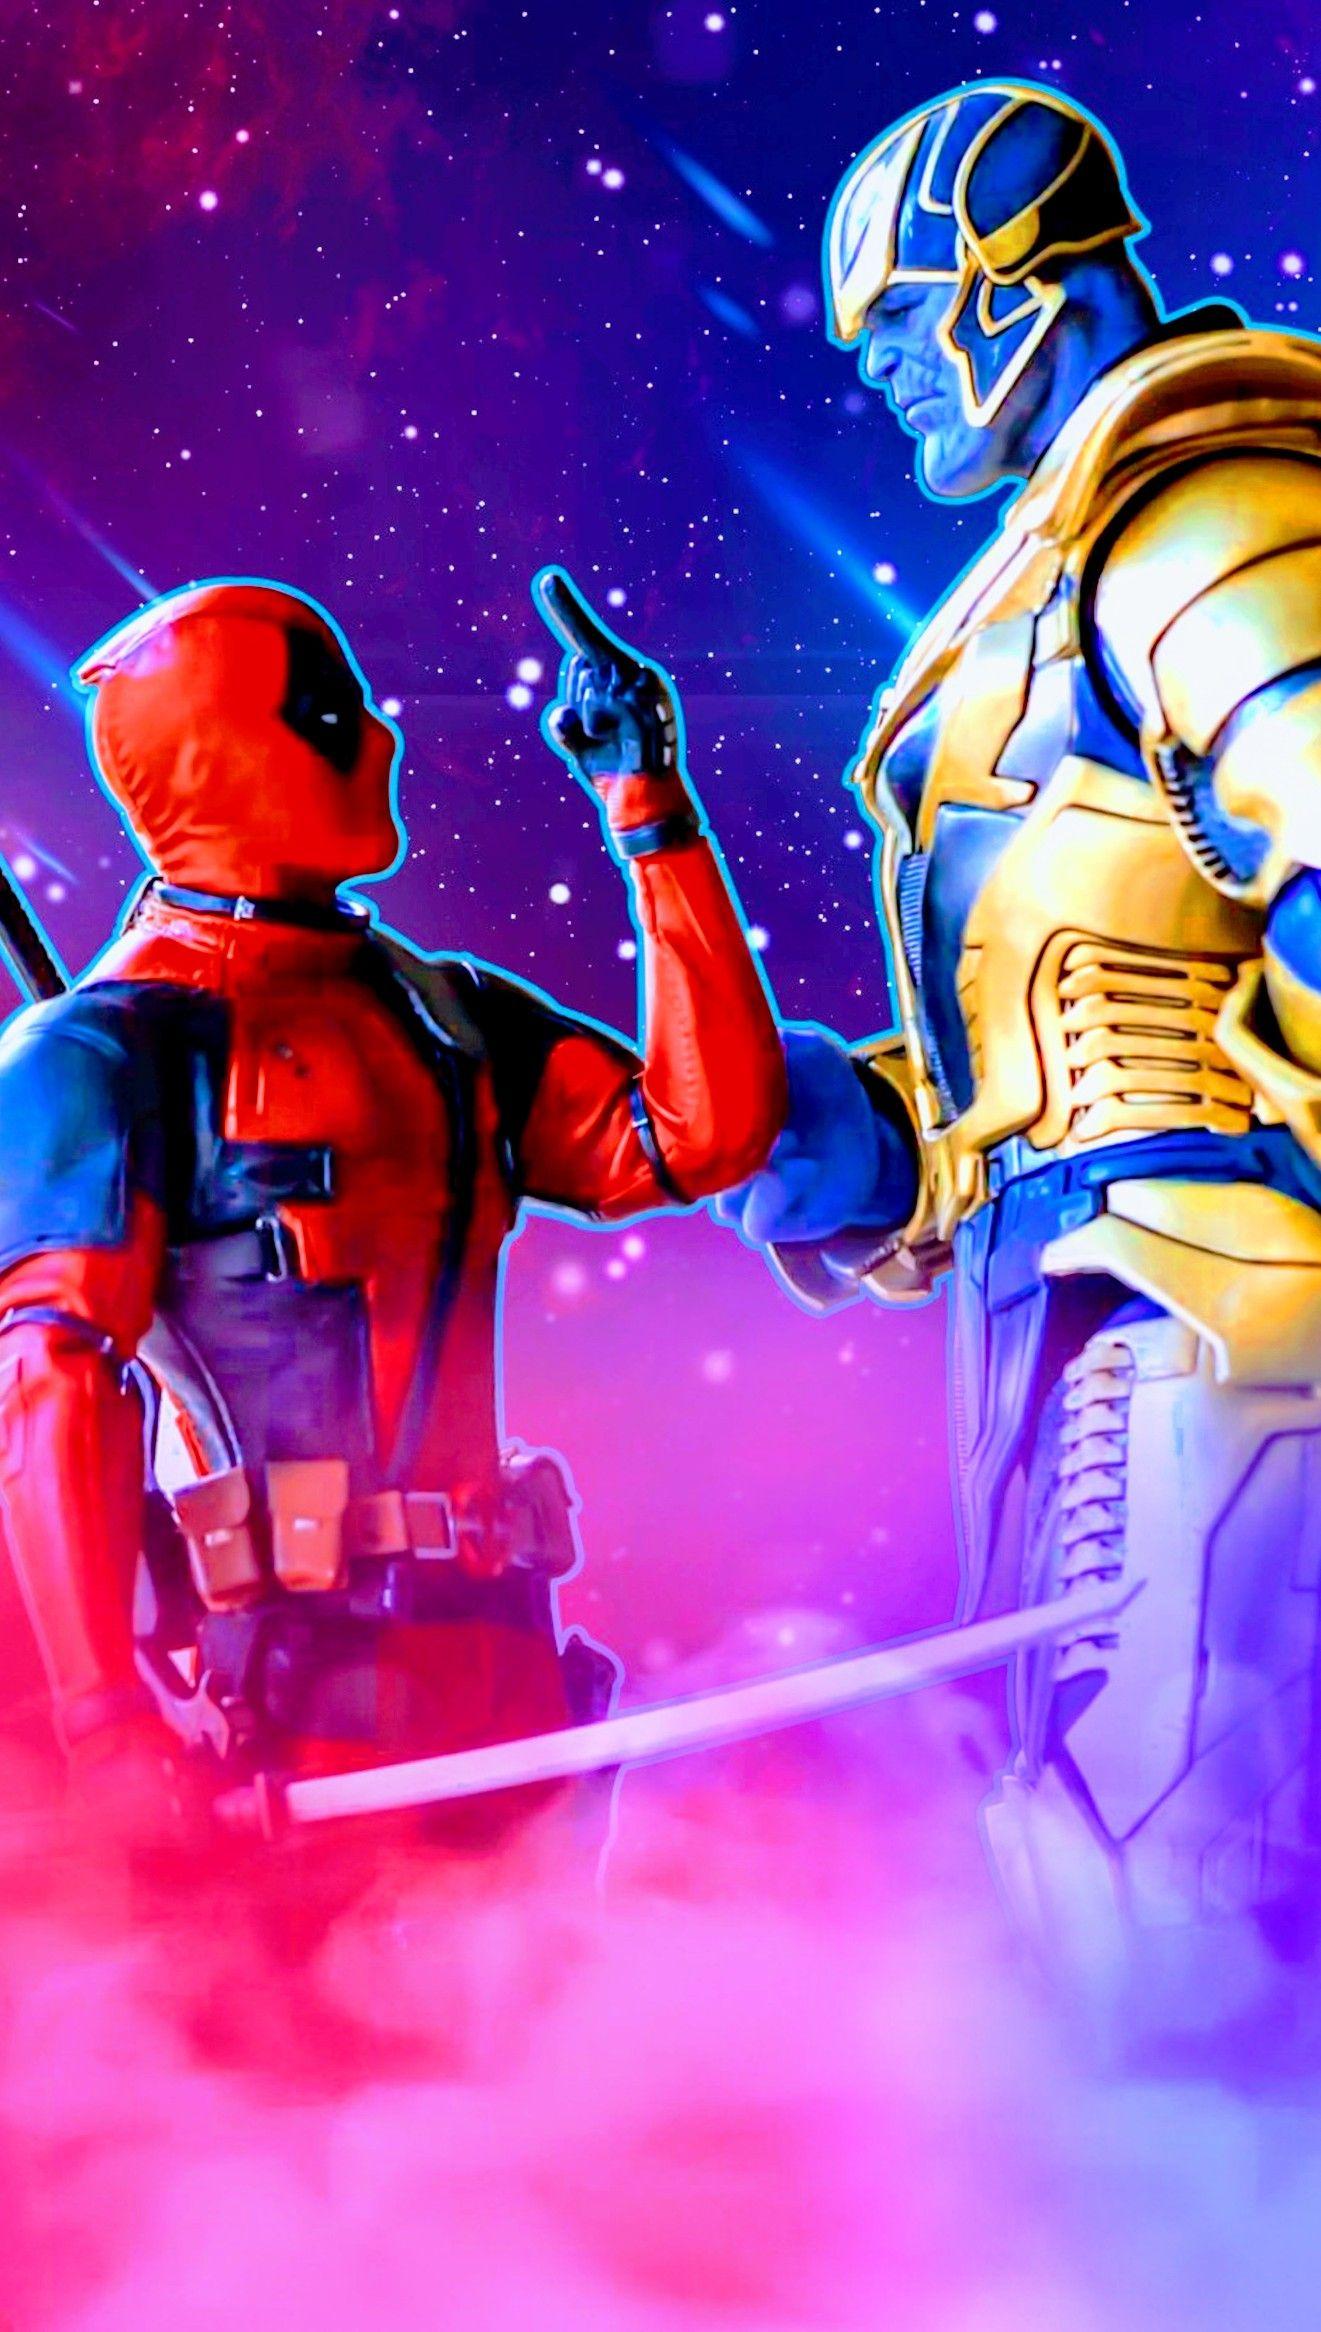 Deadpool Vs Thanos Tela De Fundo Imagens Hd Fundos